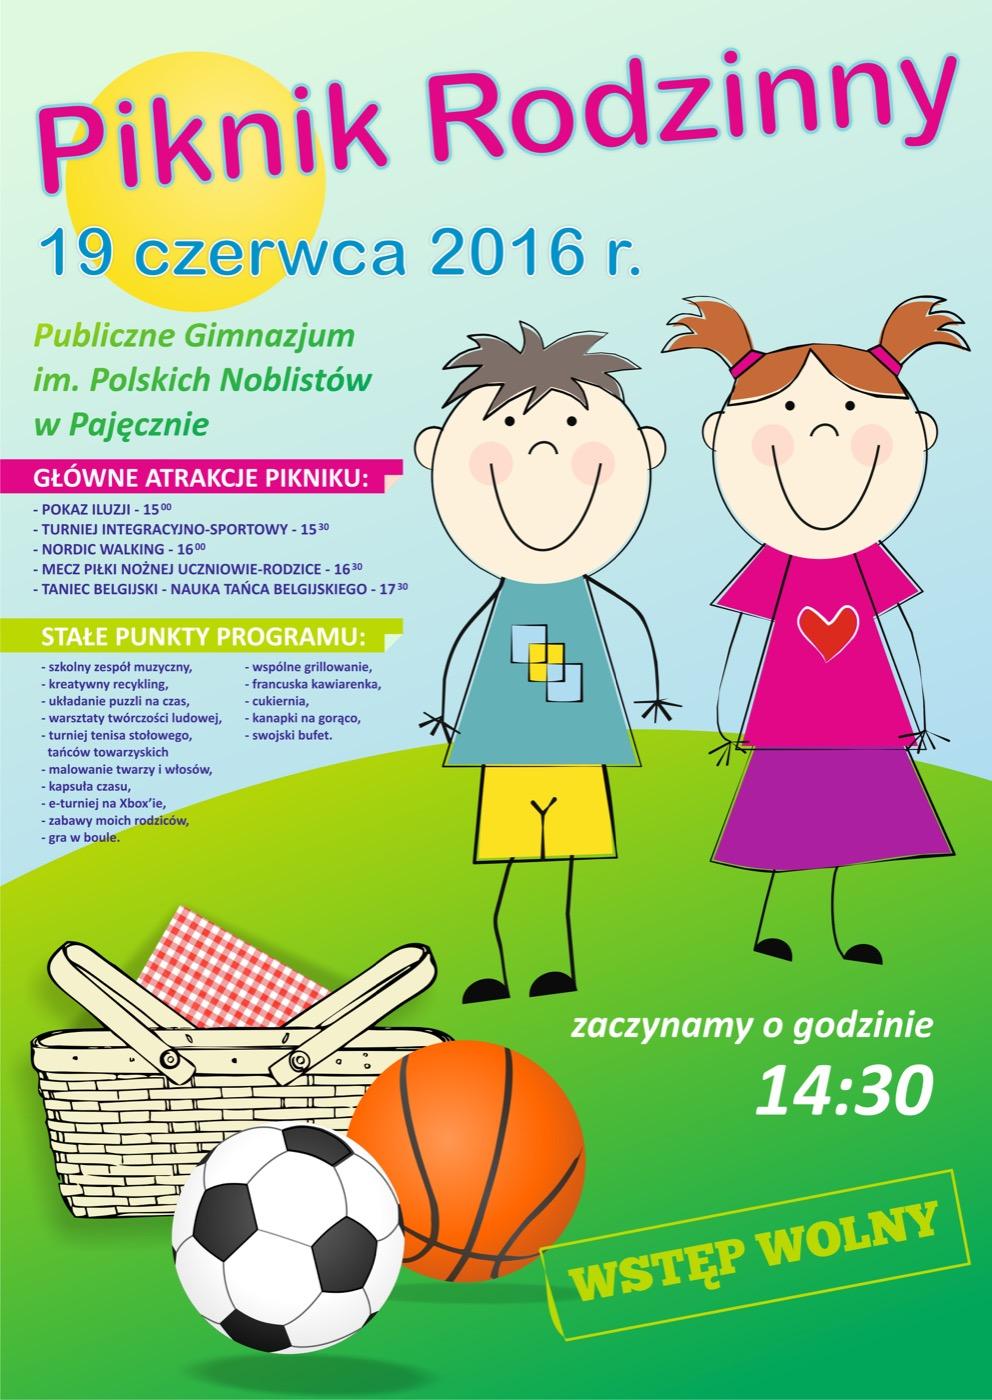 Piknik rodzinny gimnazjum